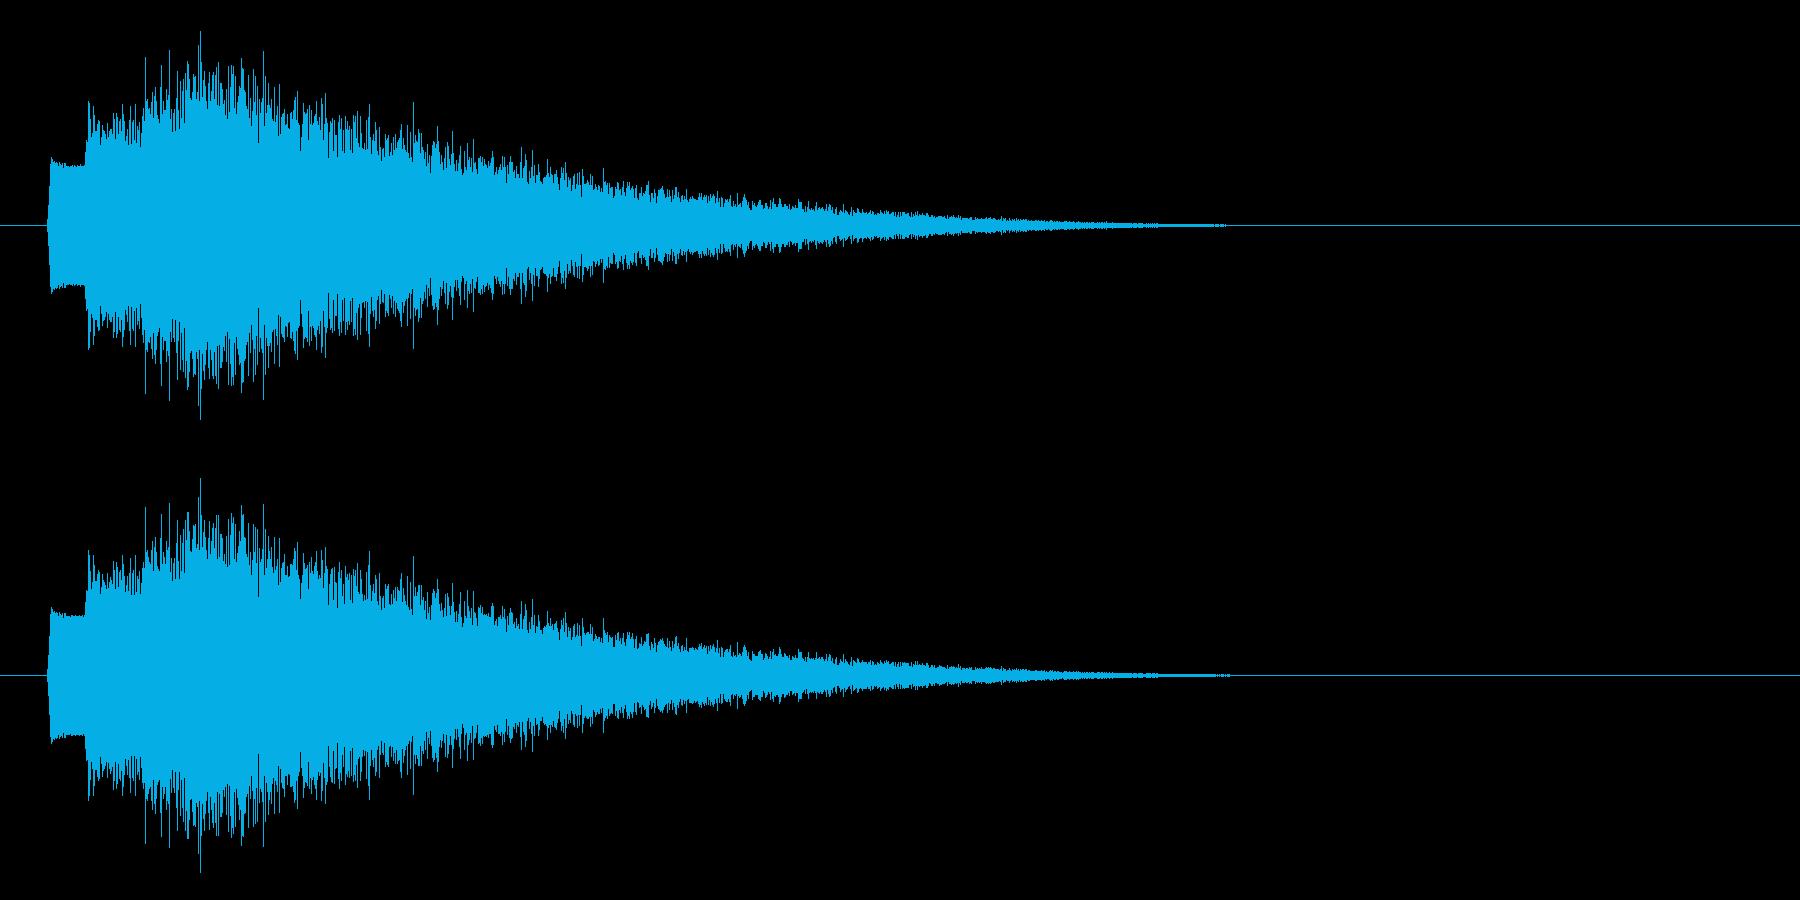 キラキラ/ファンタジー/スタート音の再生済みの波形